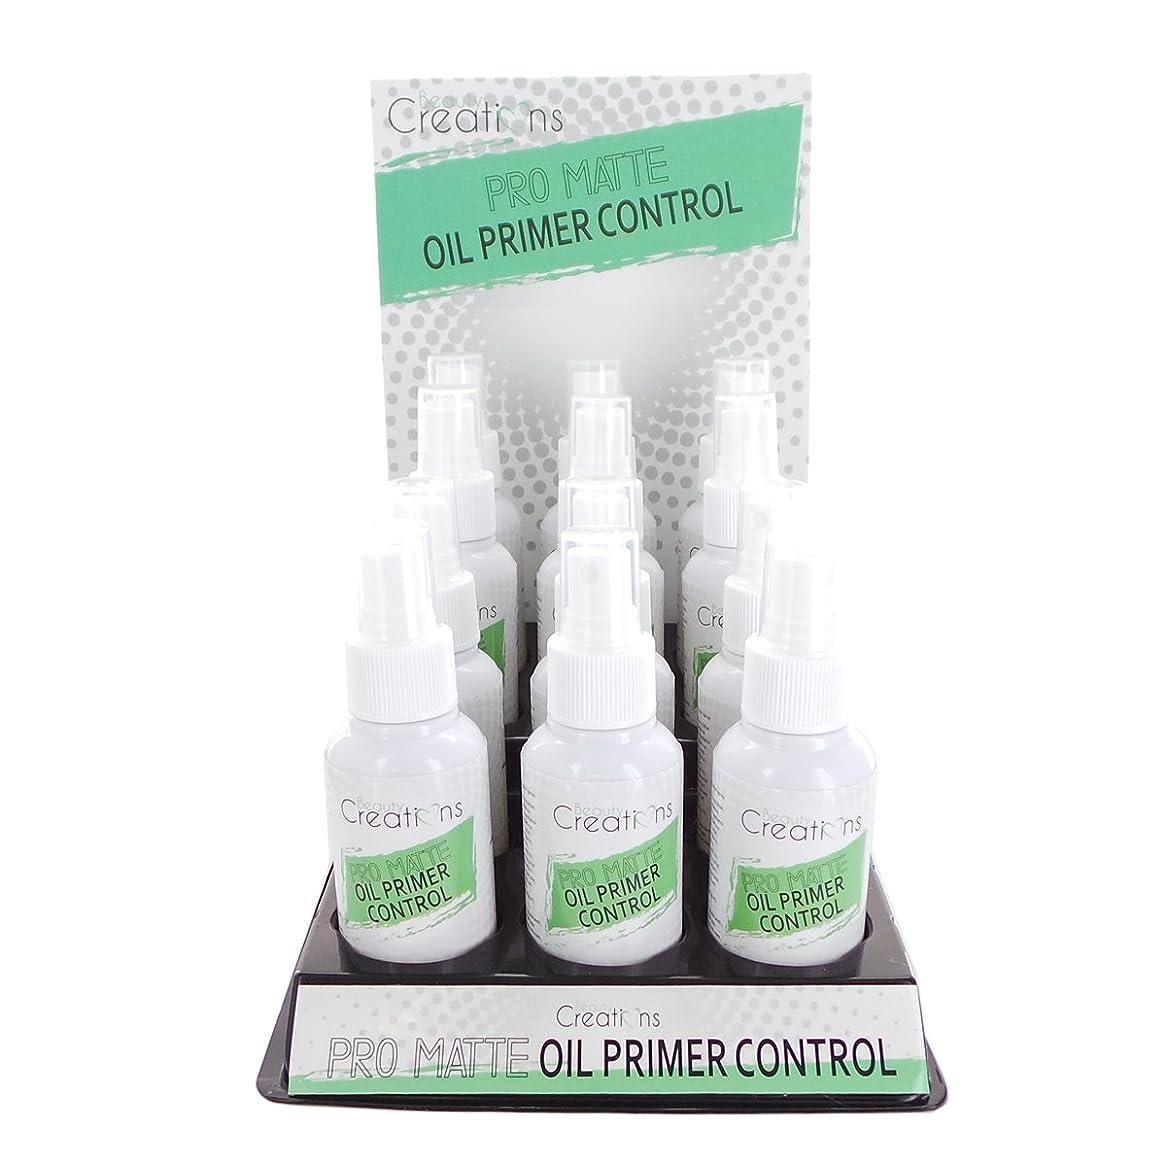 食器棚先見の明コントロールBEAUTY CREATIONS Pro Matte Oil Primer Control Spray Display Set, 12 Pieces (並行輸入品)